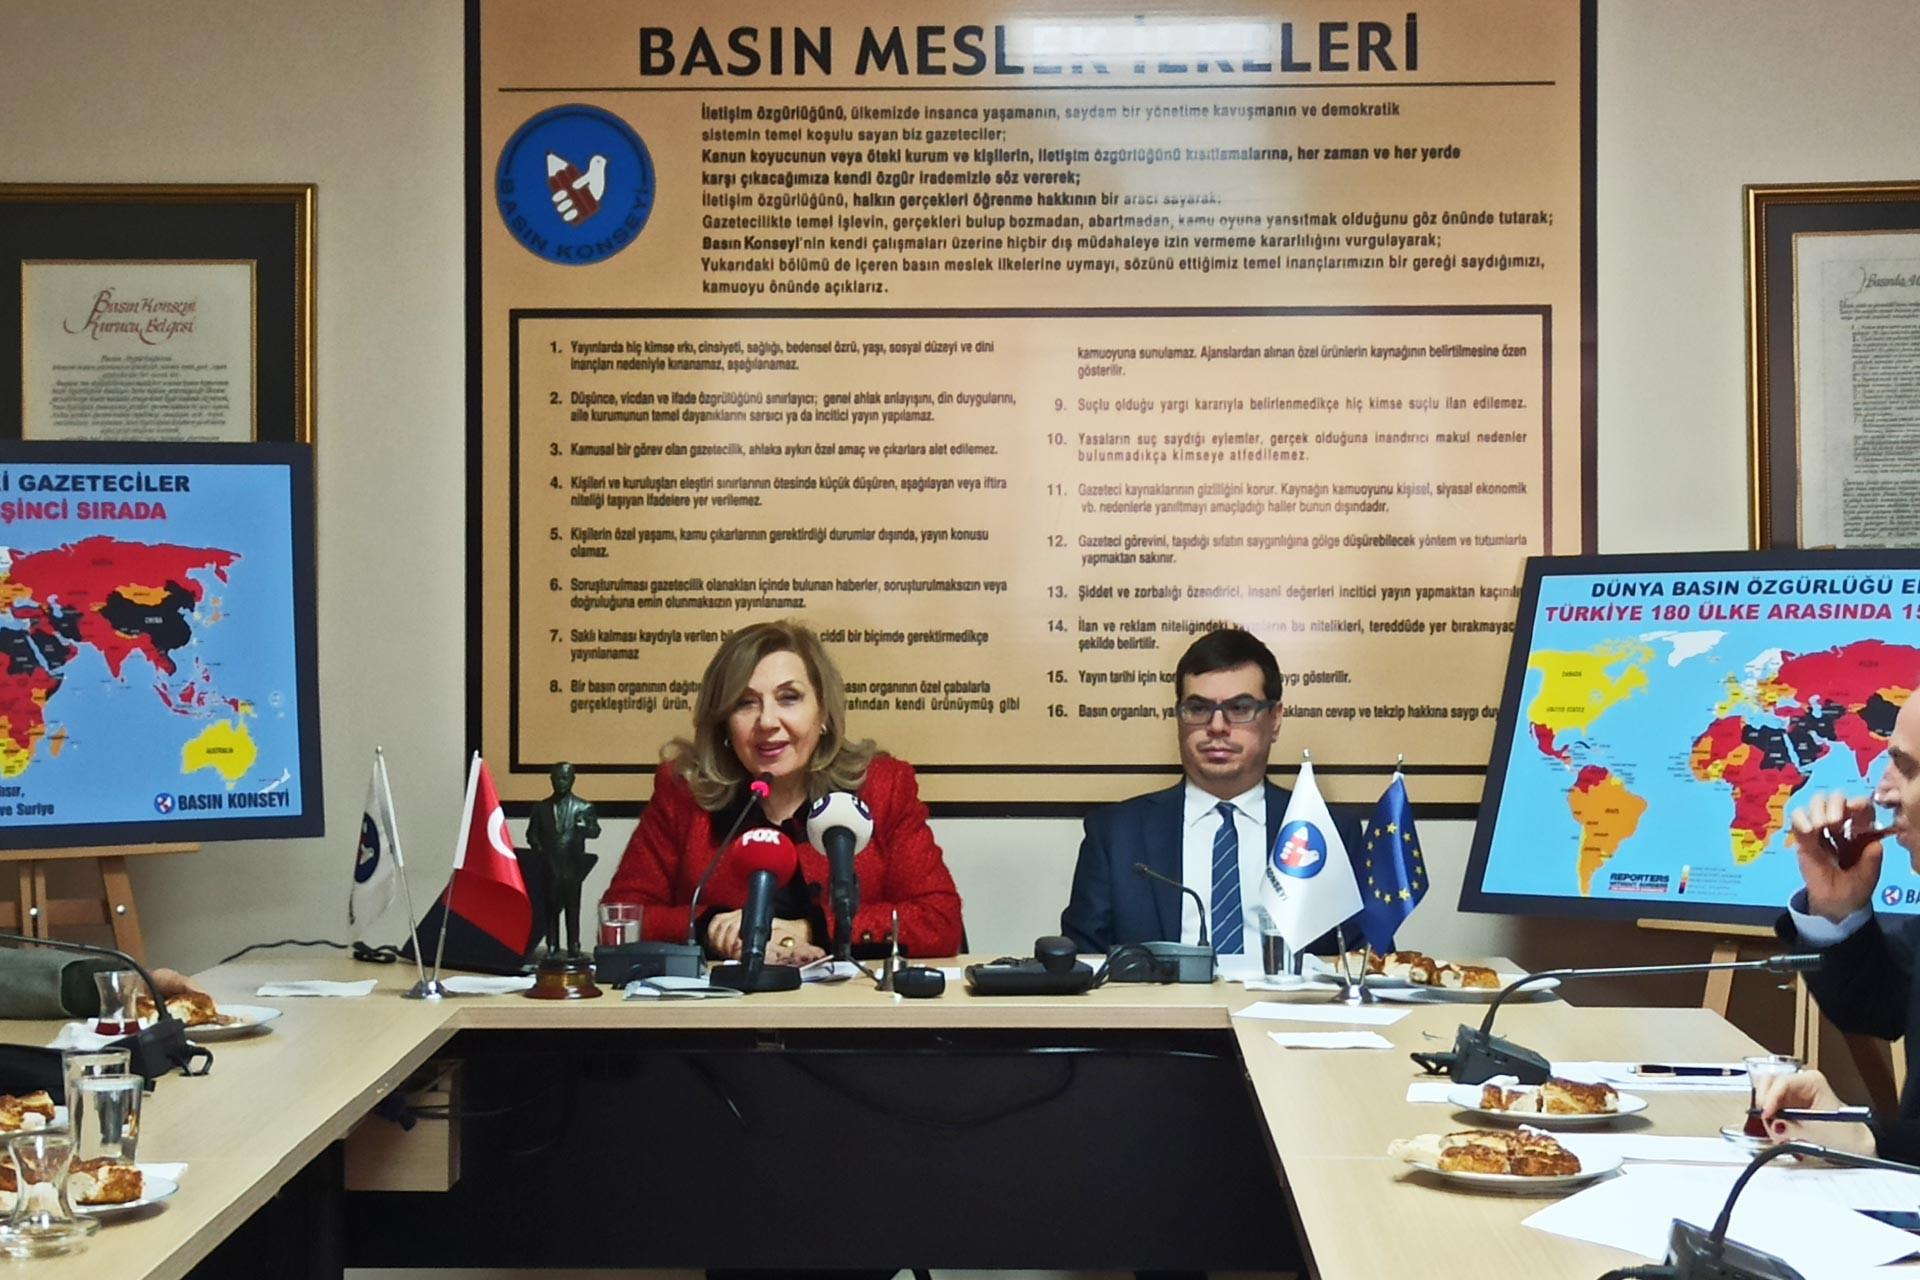 Basın Konseyi Başkanı Pınar Türenç 2019 yılını değerlendirdiği basın toplantısında konuşurken